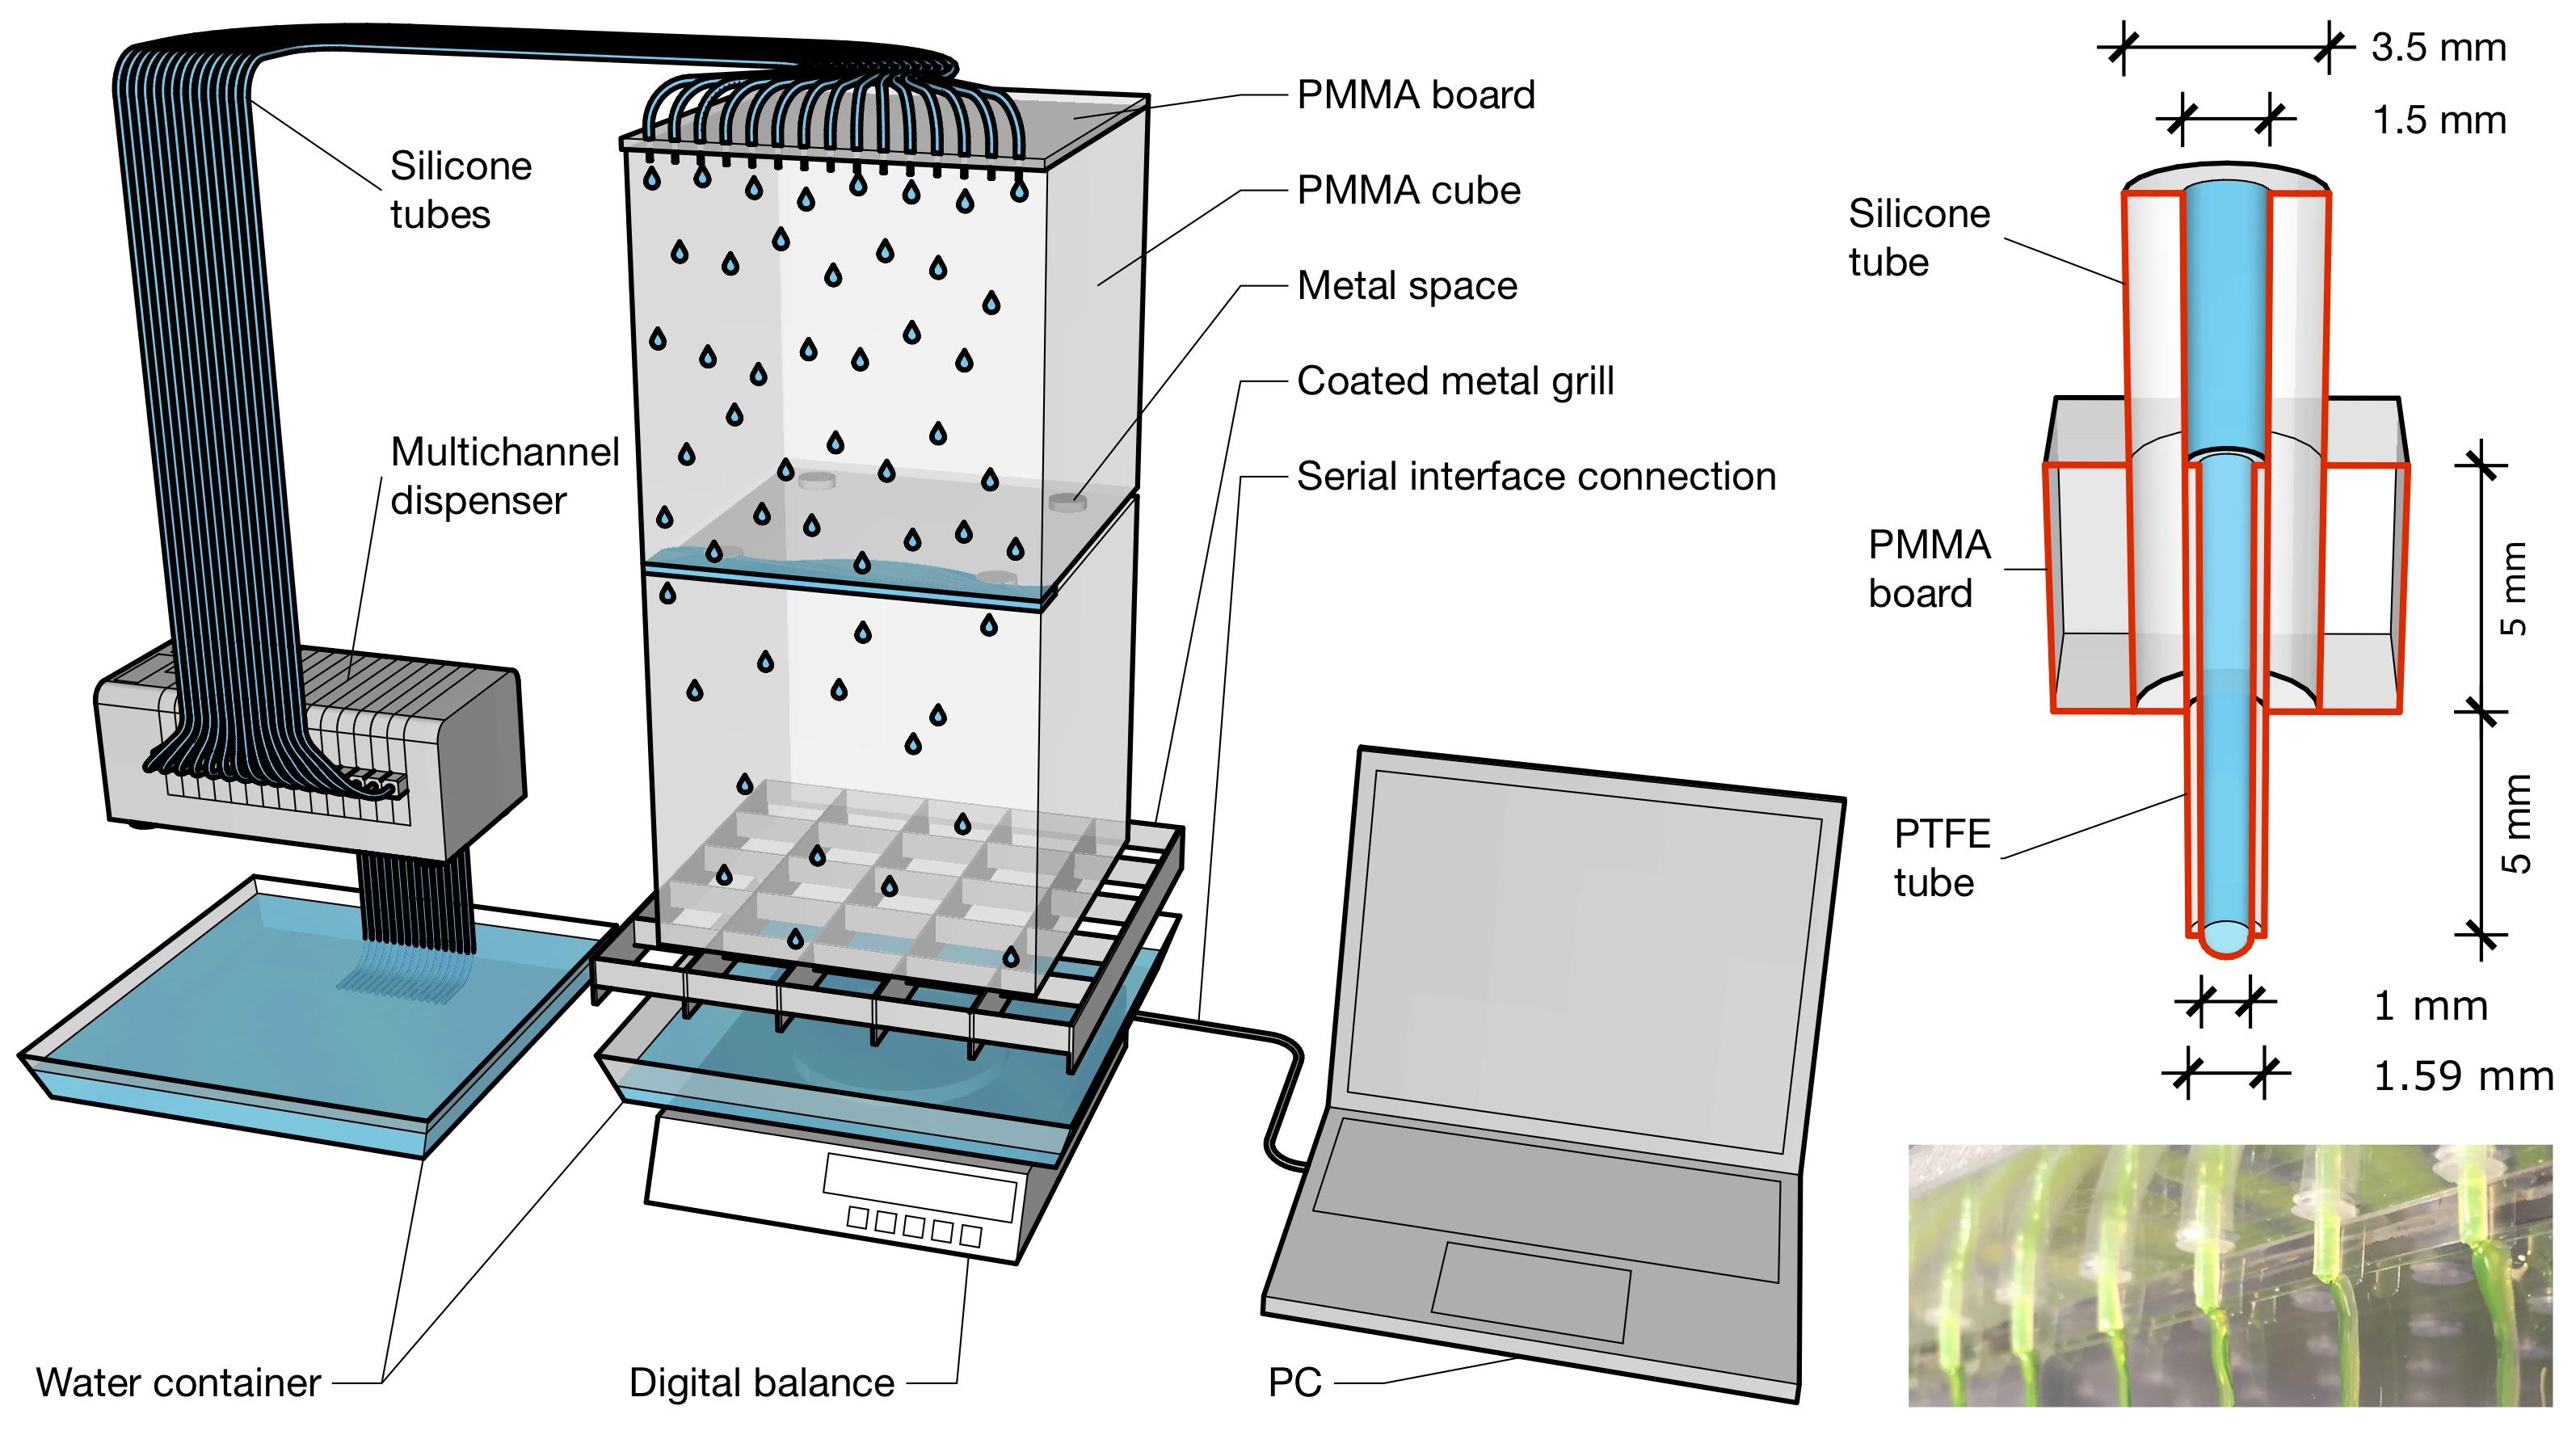 Laboratory experiments for gravity-driven flows (Noffz et al. 2018)